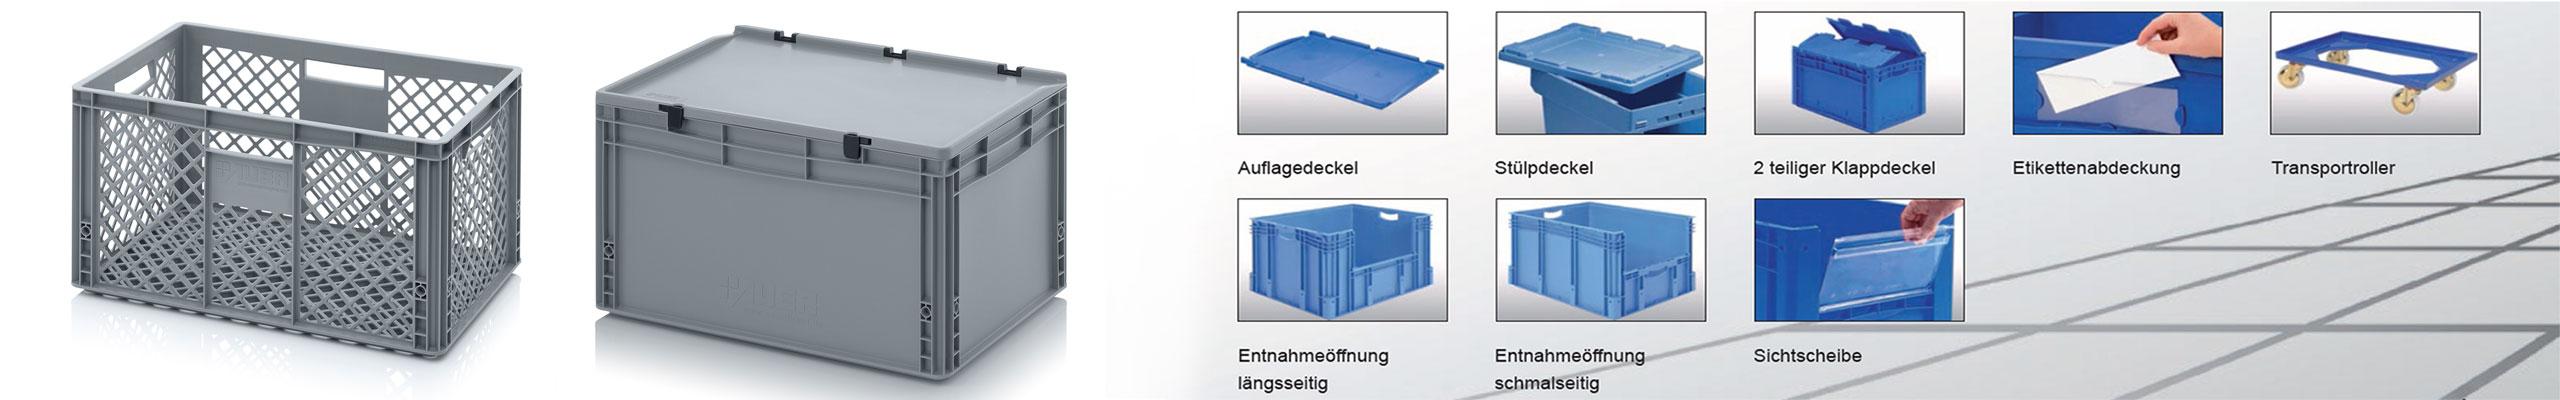 EURO-Stapelbehälter